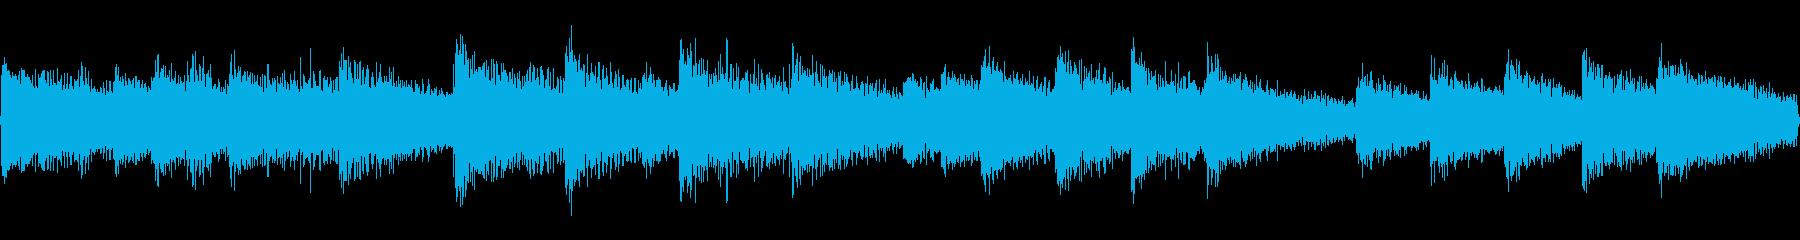 儚い雰囲気のピアノソロジングルの再生済みの波形